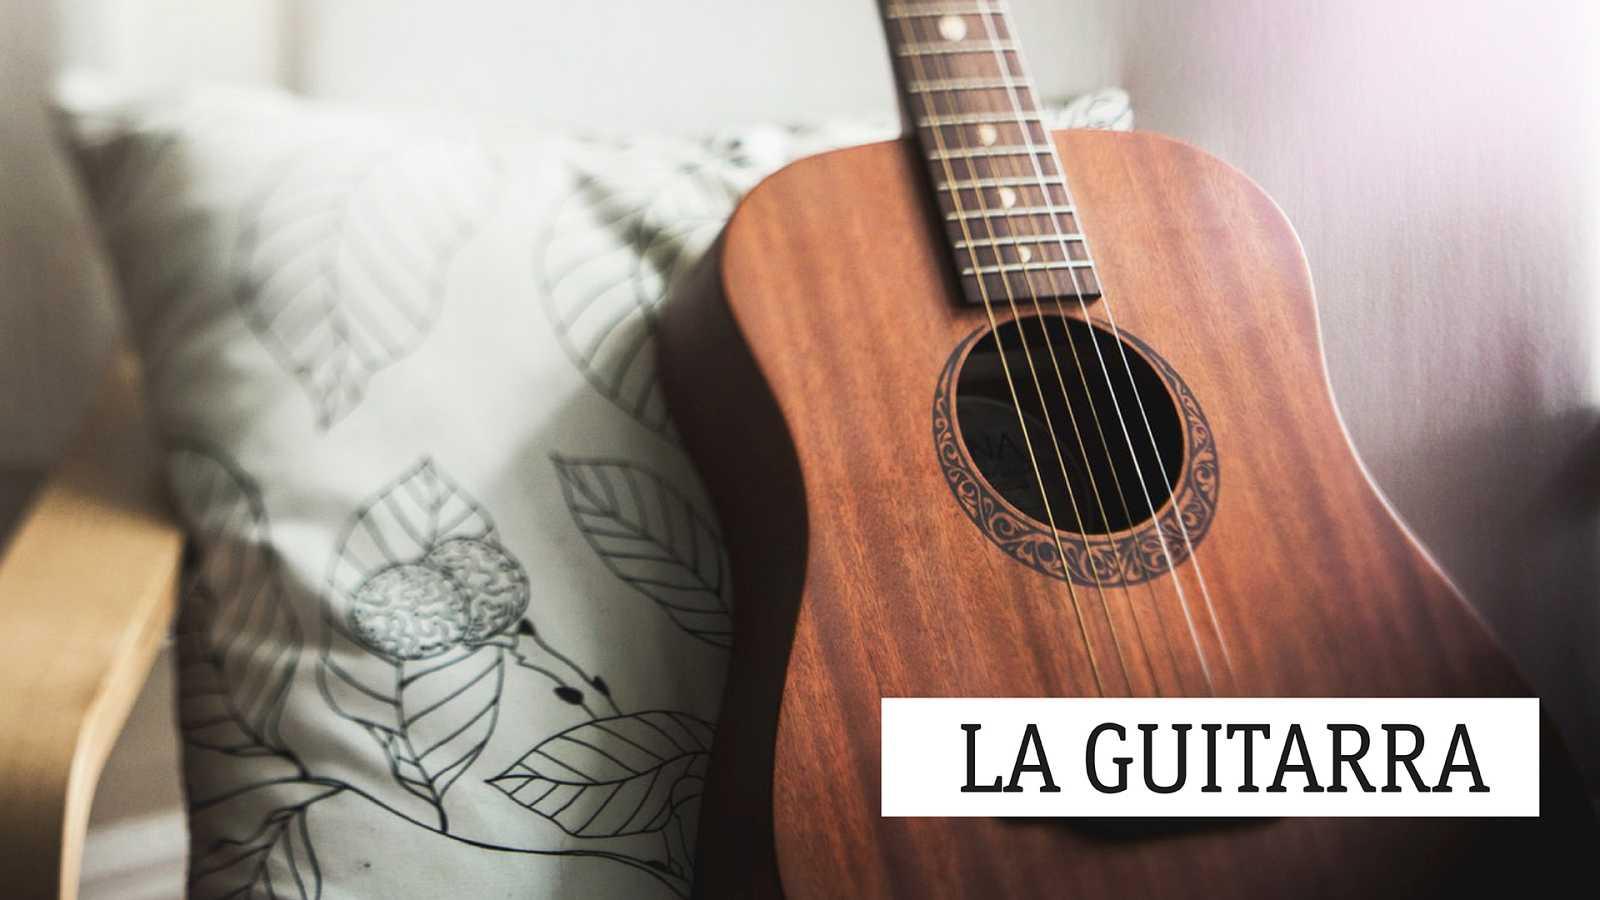 La guitarra - 06/12/20 - escuchar ahora